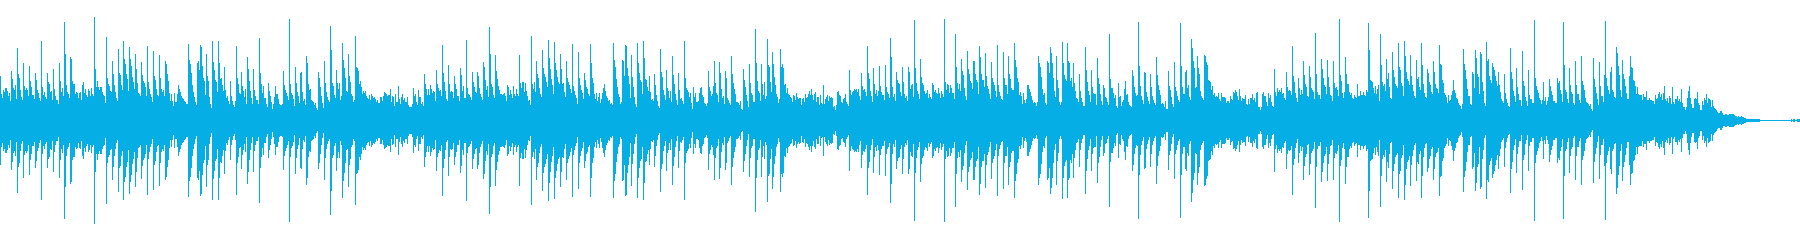 「夕焼け小焼け」 オルゴールの再生済みの波形